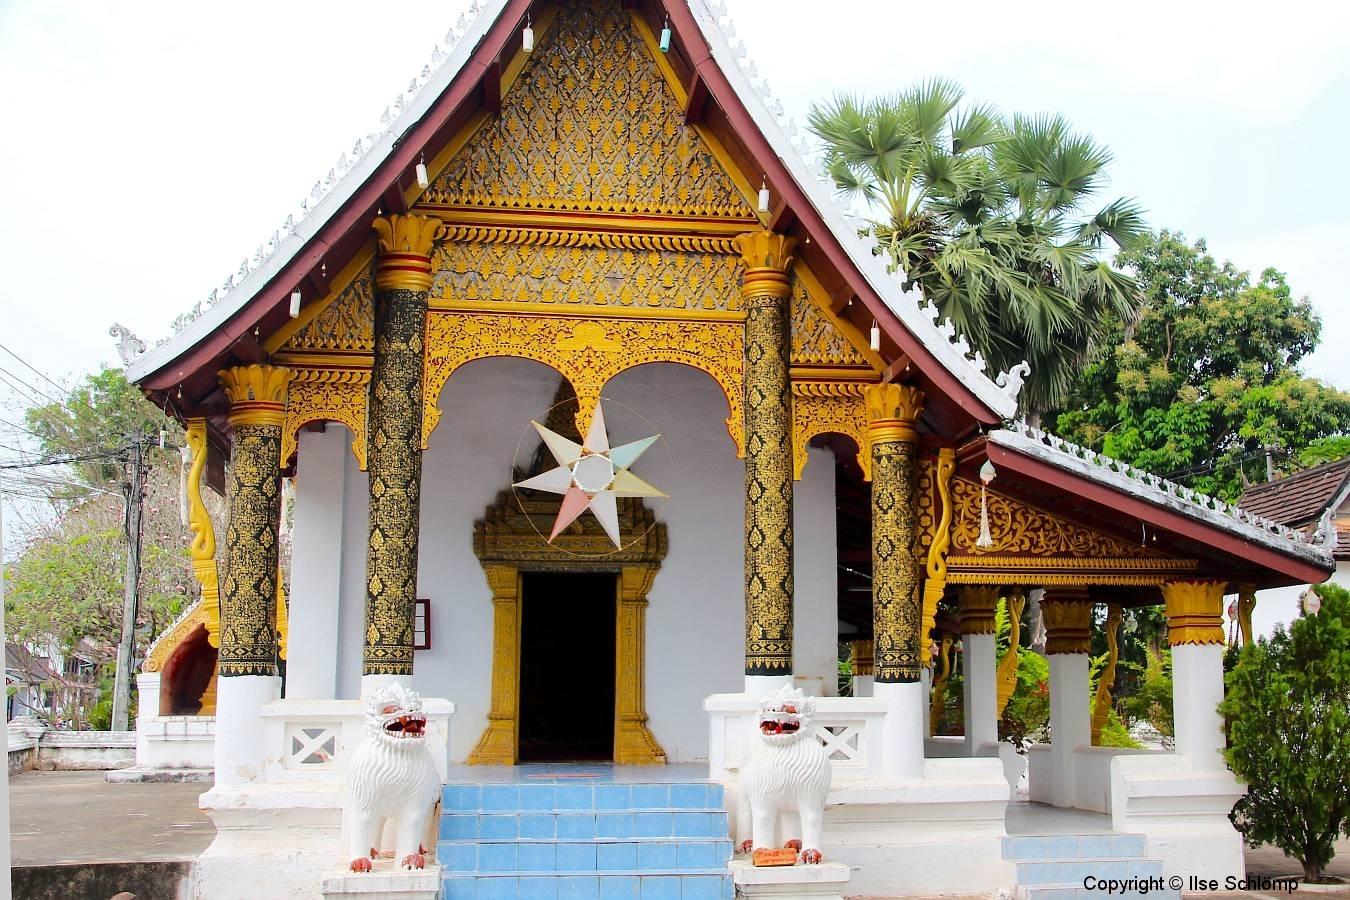 Laos, Luang Prabang, Wat Syrimoungkoun Xaiyaram